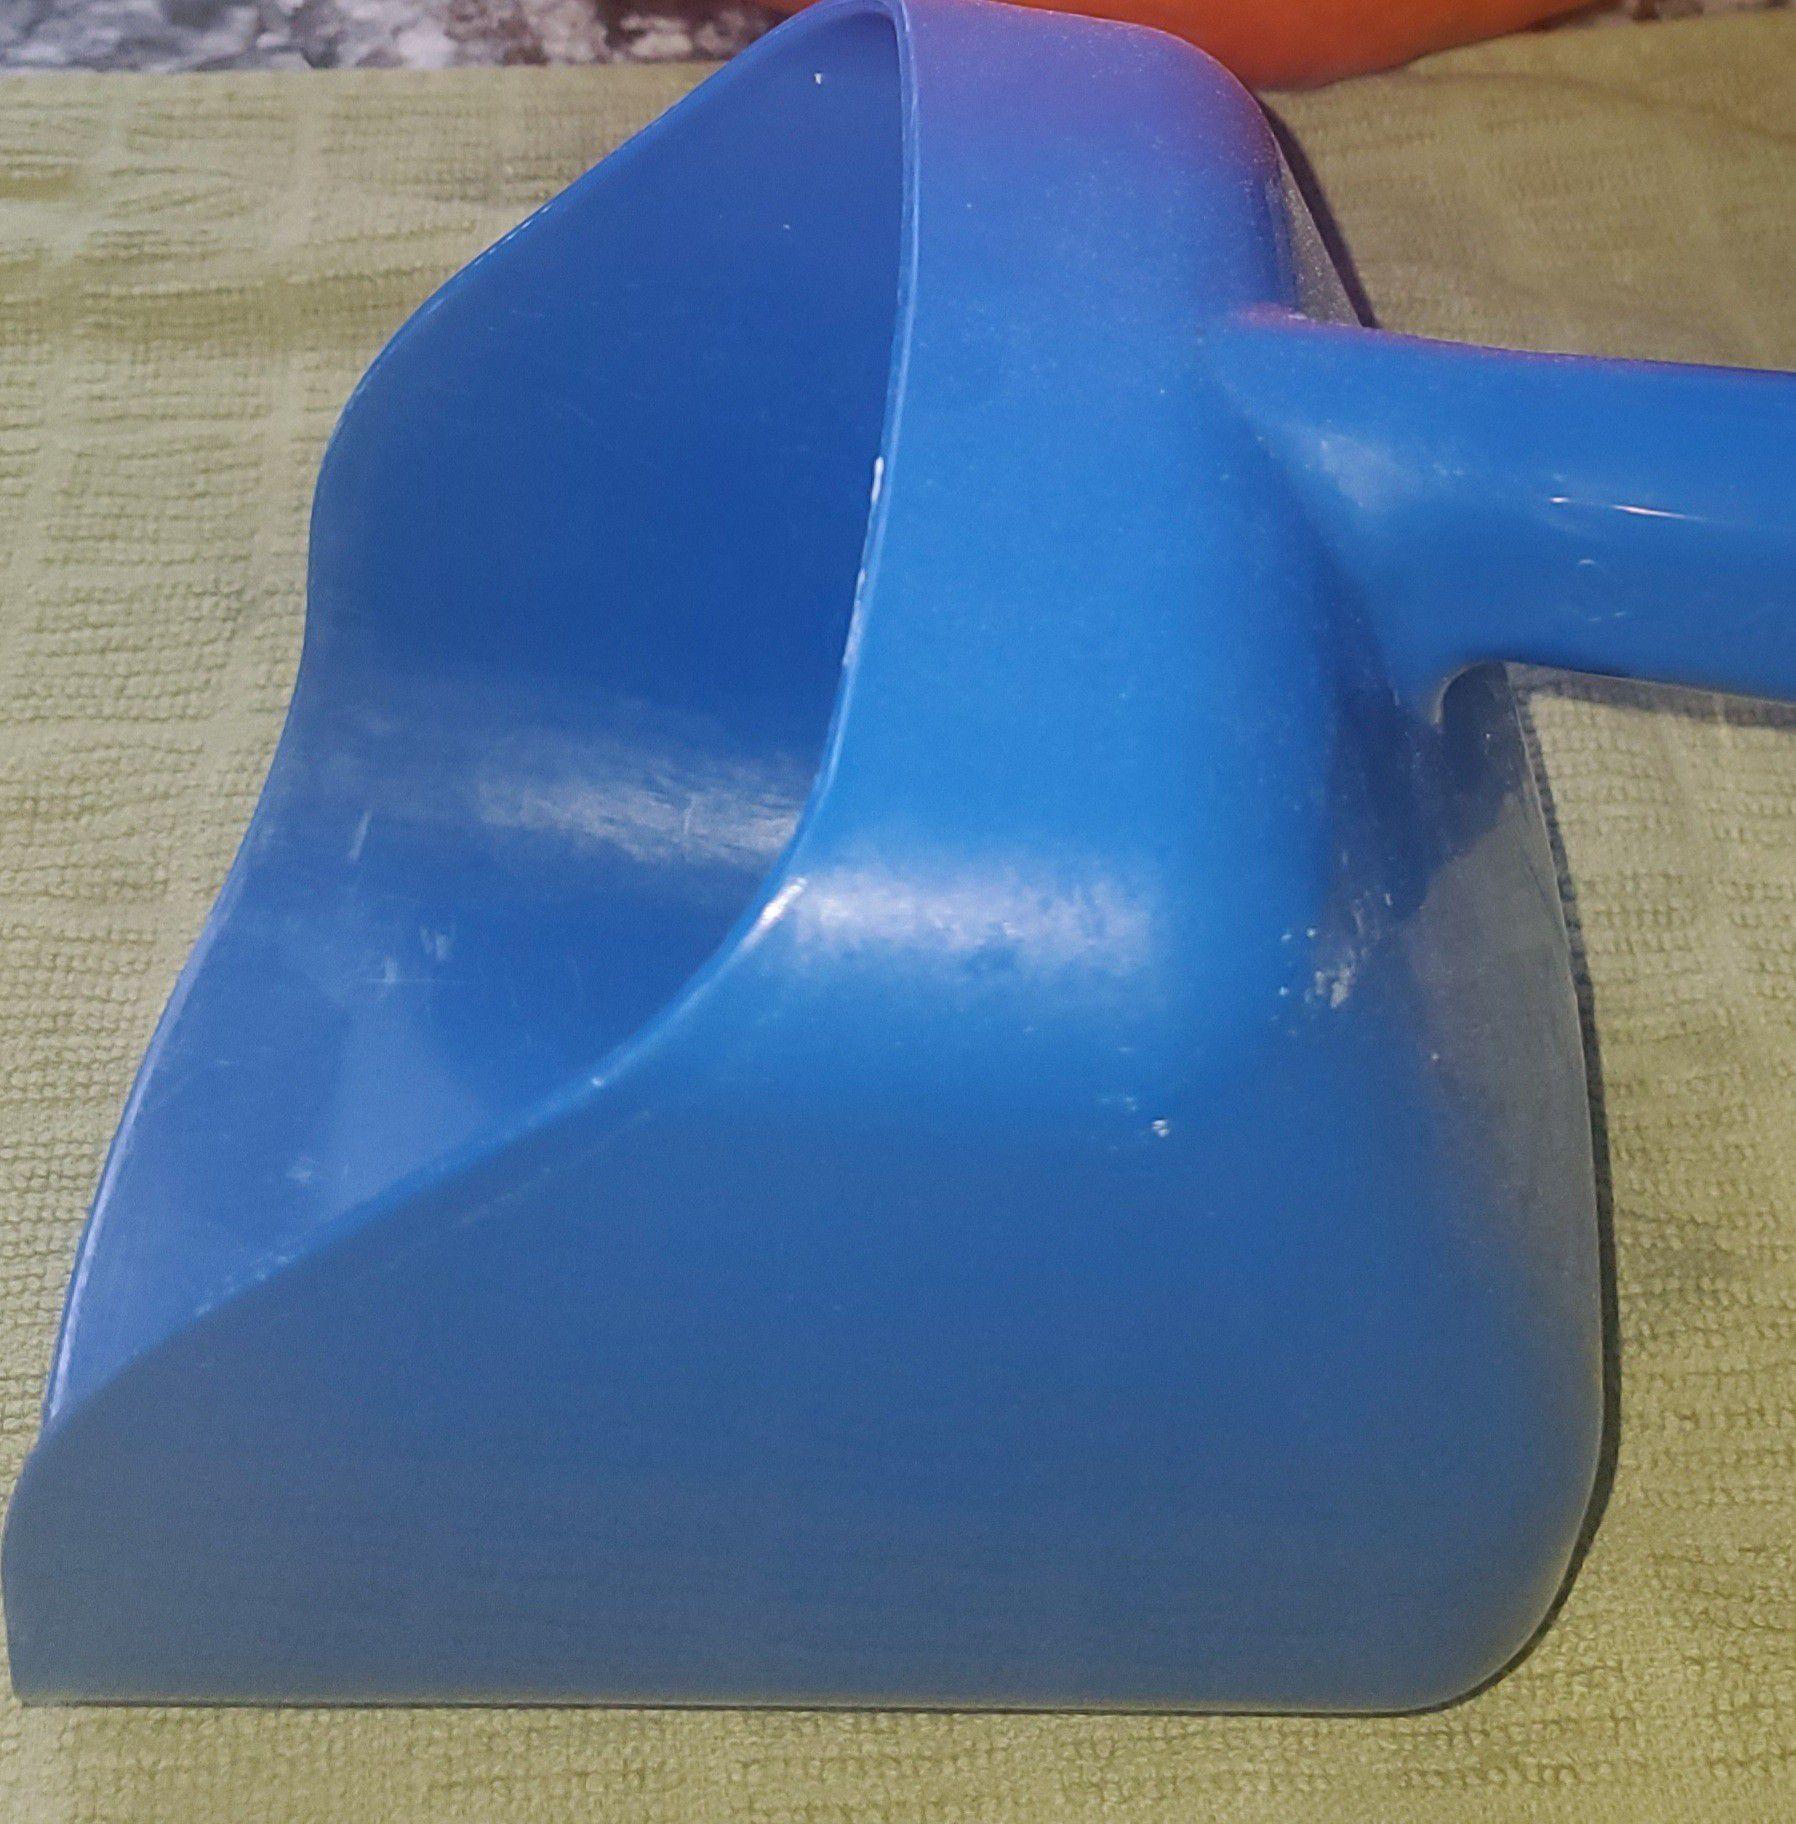 Manitowoc plastic ice scooper